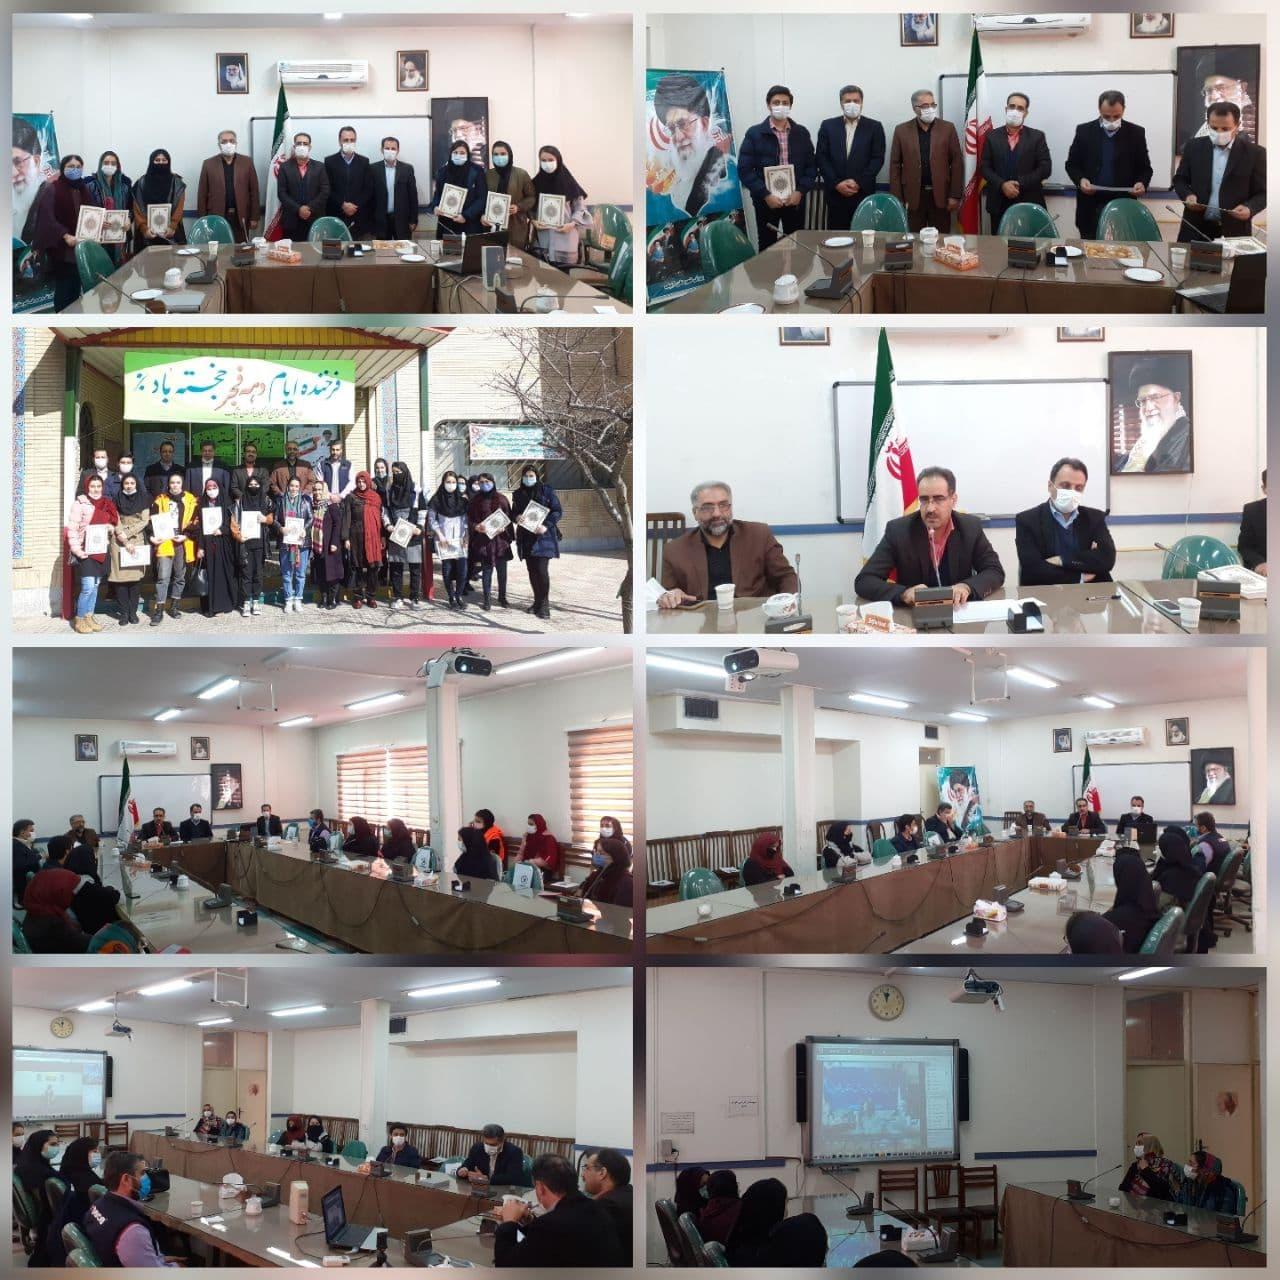 همایش مجازی تجلیل از ۳۰۰ دانش آموز حائز رتبه استانی در سی و هشتمین دوره مسابقات فرهنگی هنری